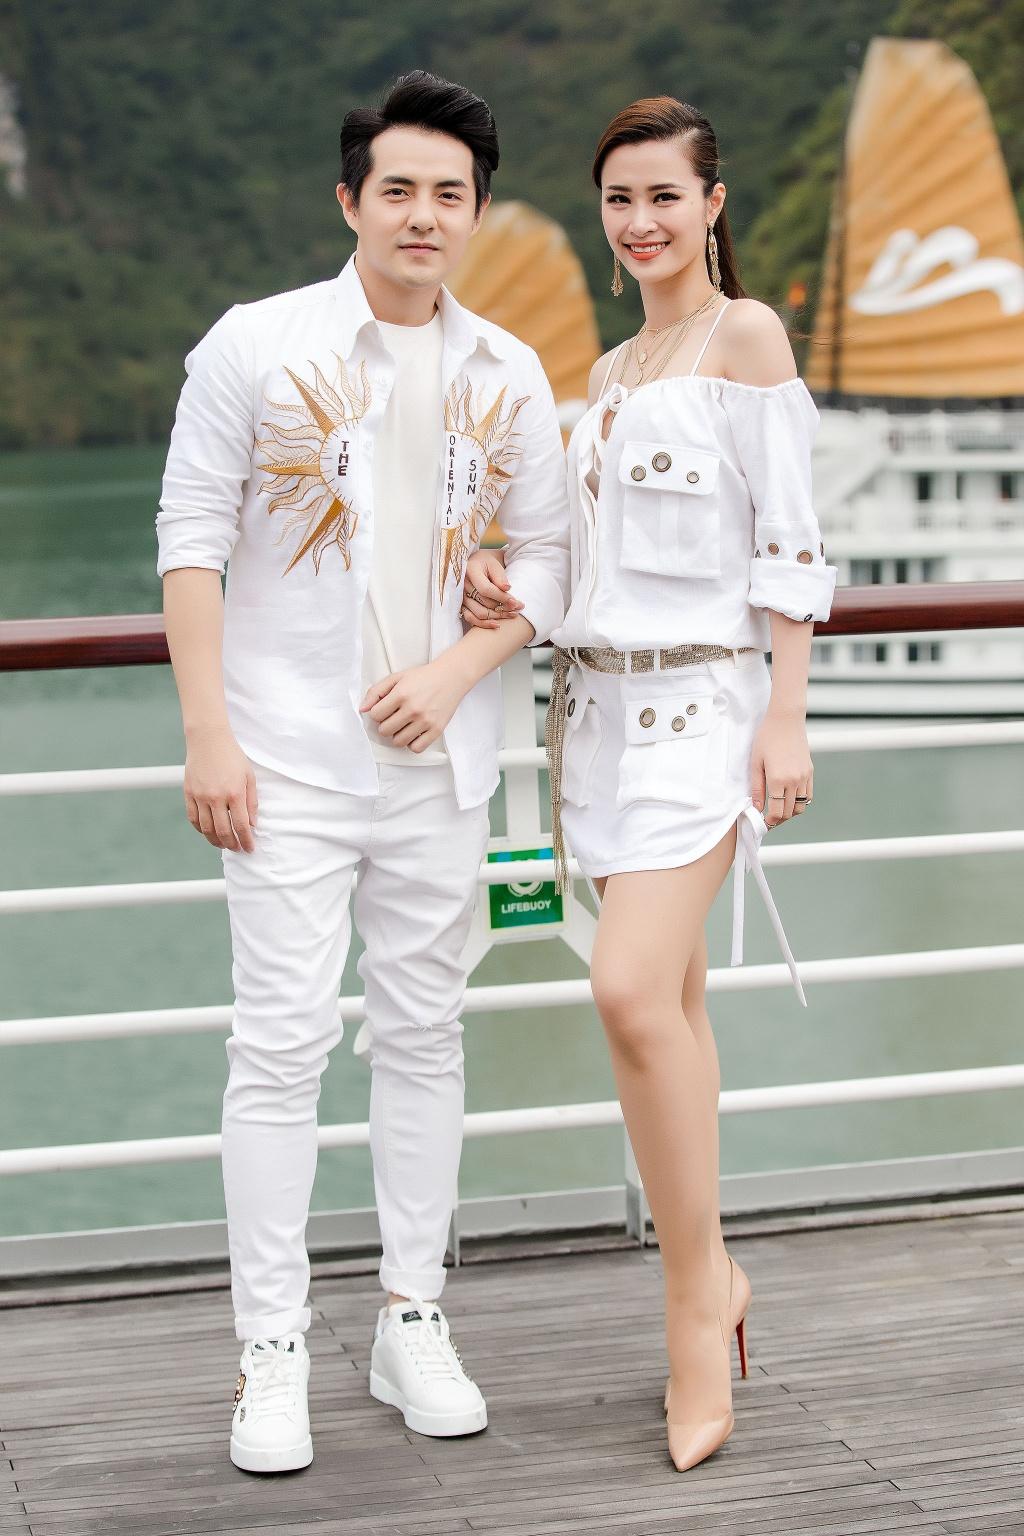 Nha Phuong cung dan sao nu xuat hien xinh xan tai show thoi trang hinh anh 4